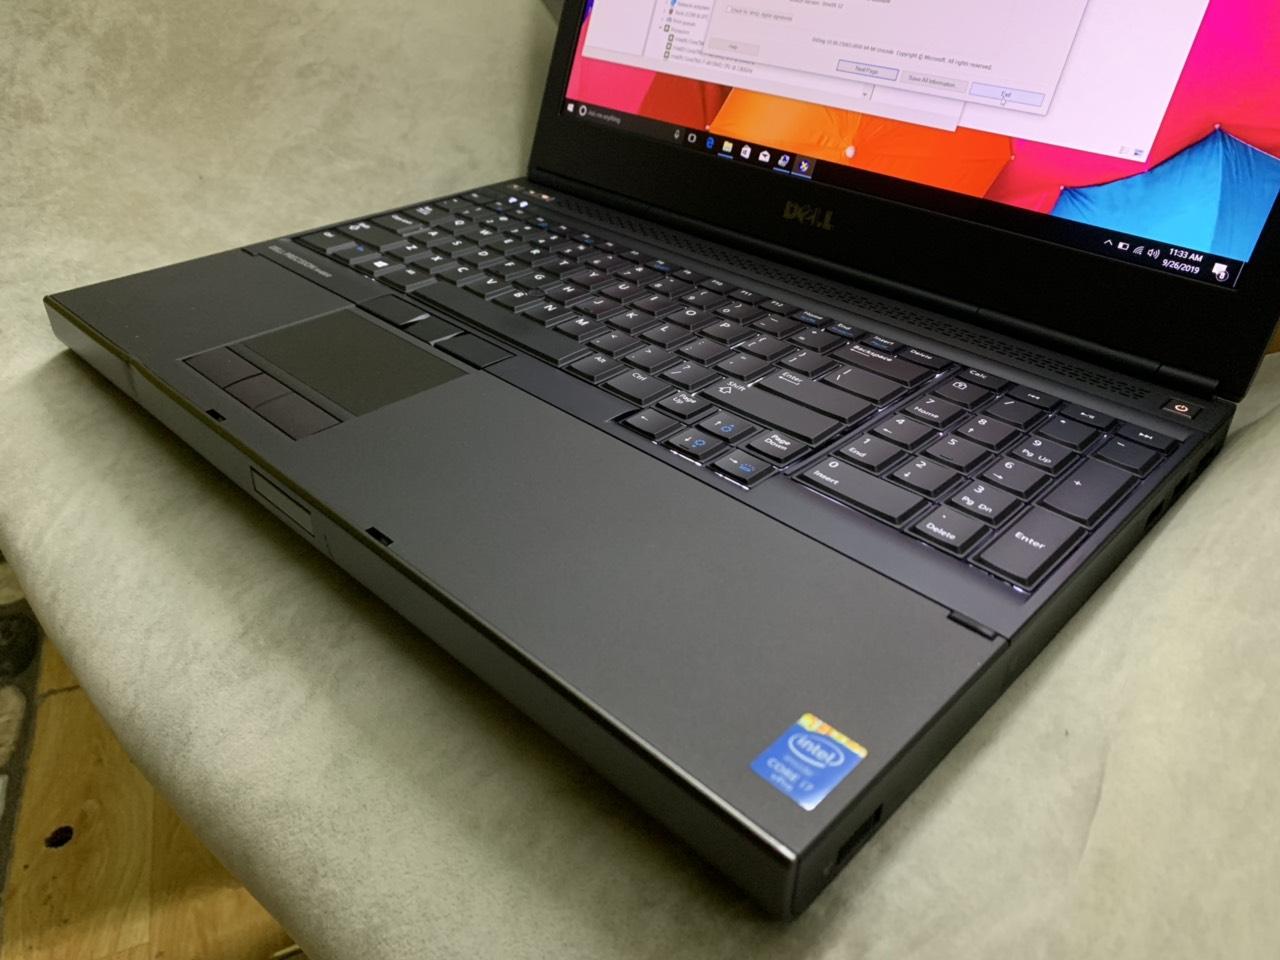 dellm4800-core-i7-4810-render-usa-9